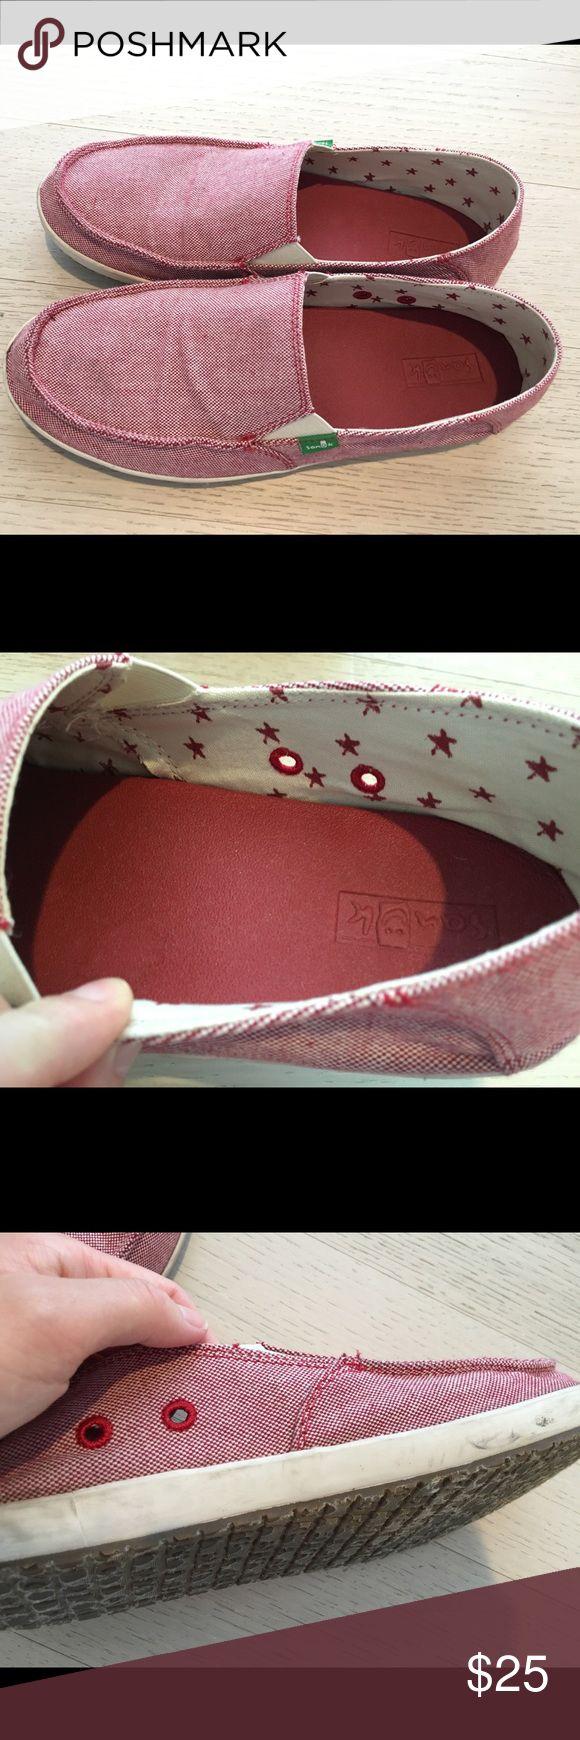 Sanuk men's slip-on sneaker Memory cushion insole. Super soft. Men's 9 Sanuk Shoes Loafers & Slip-Ons